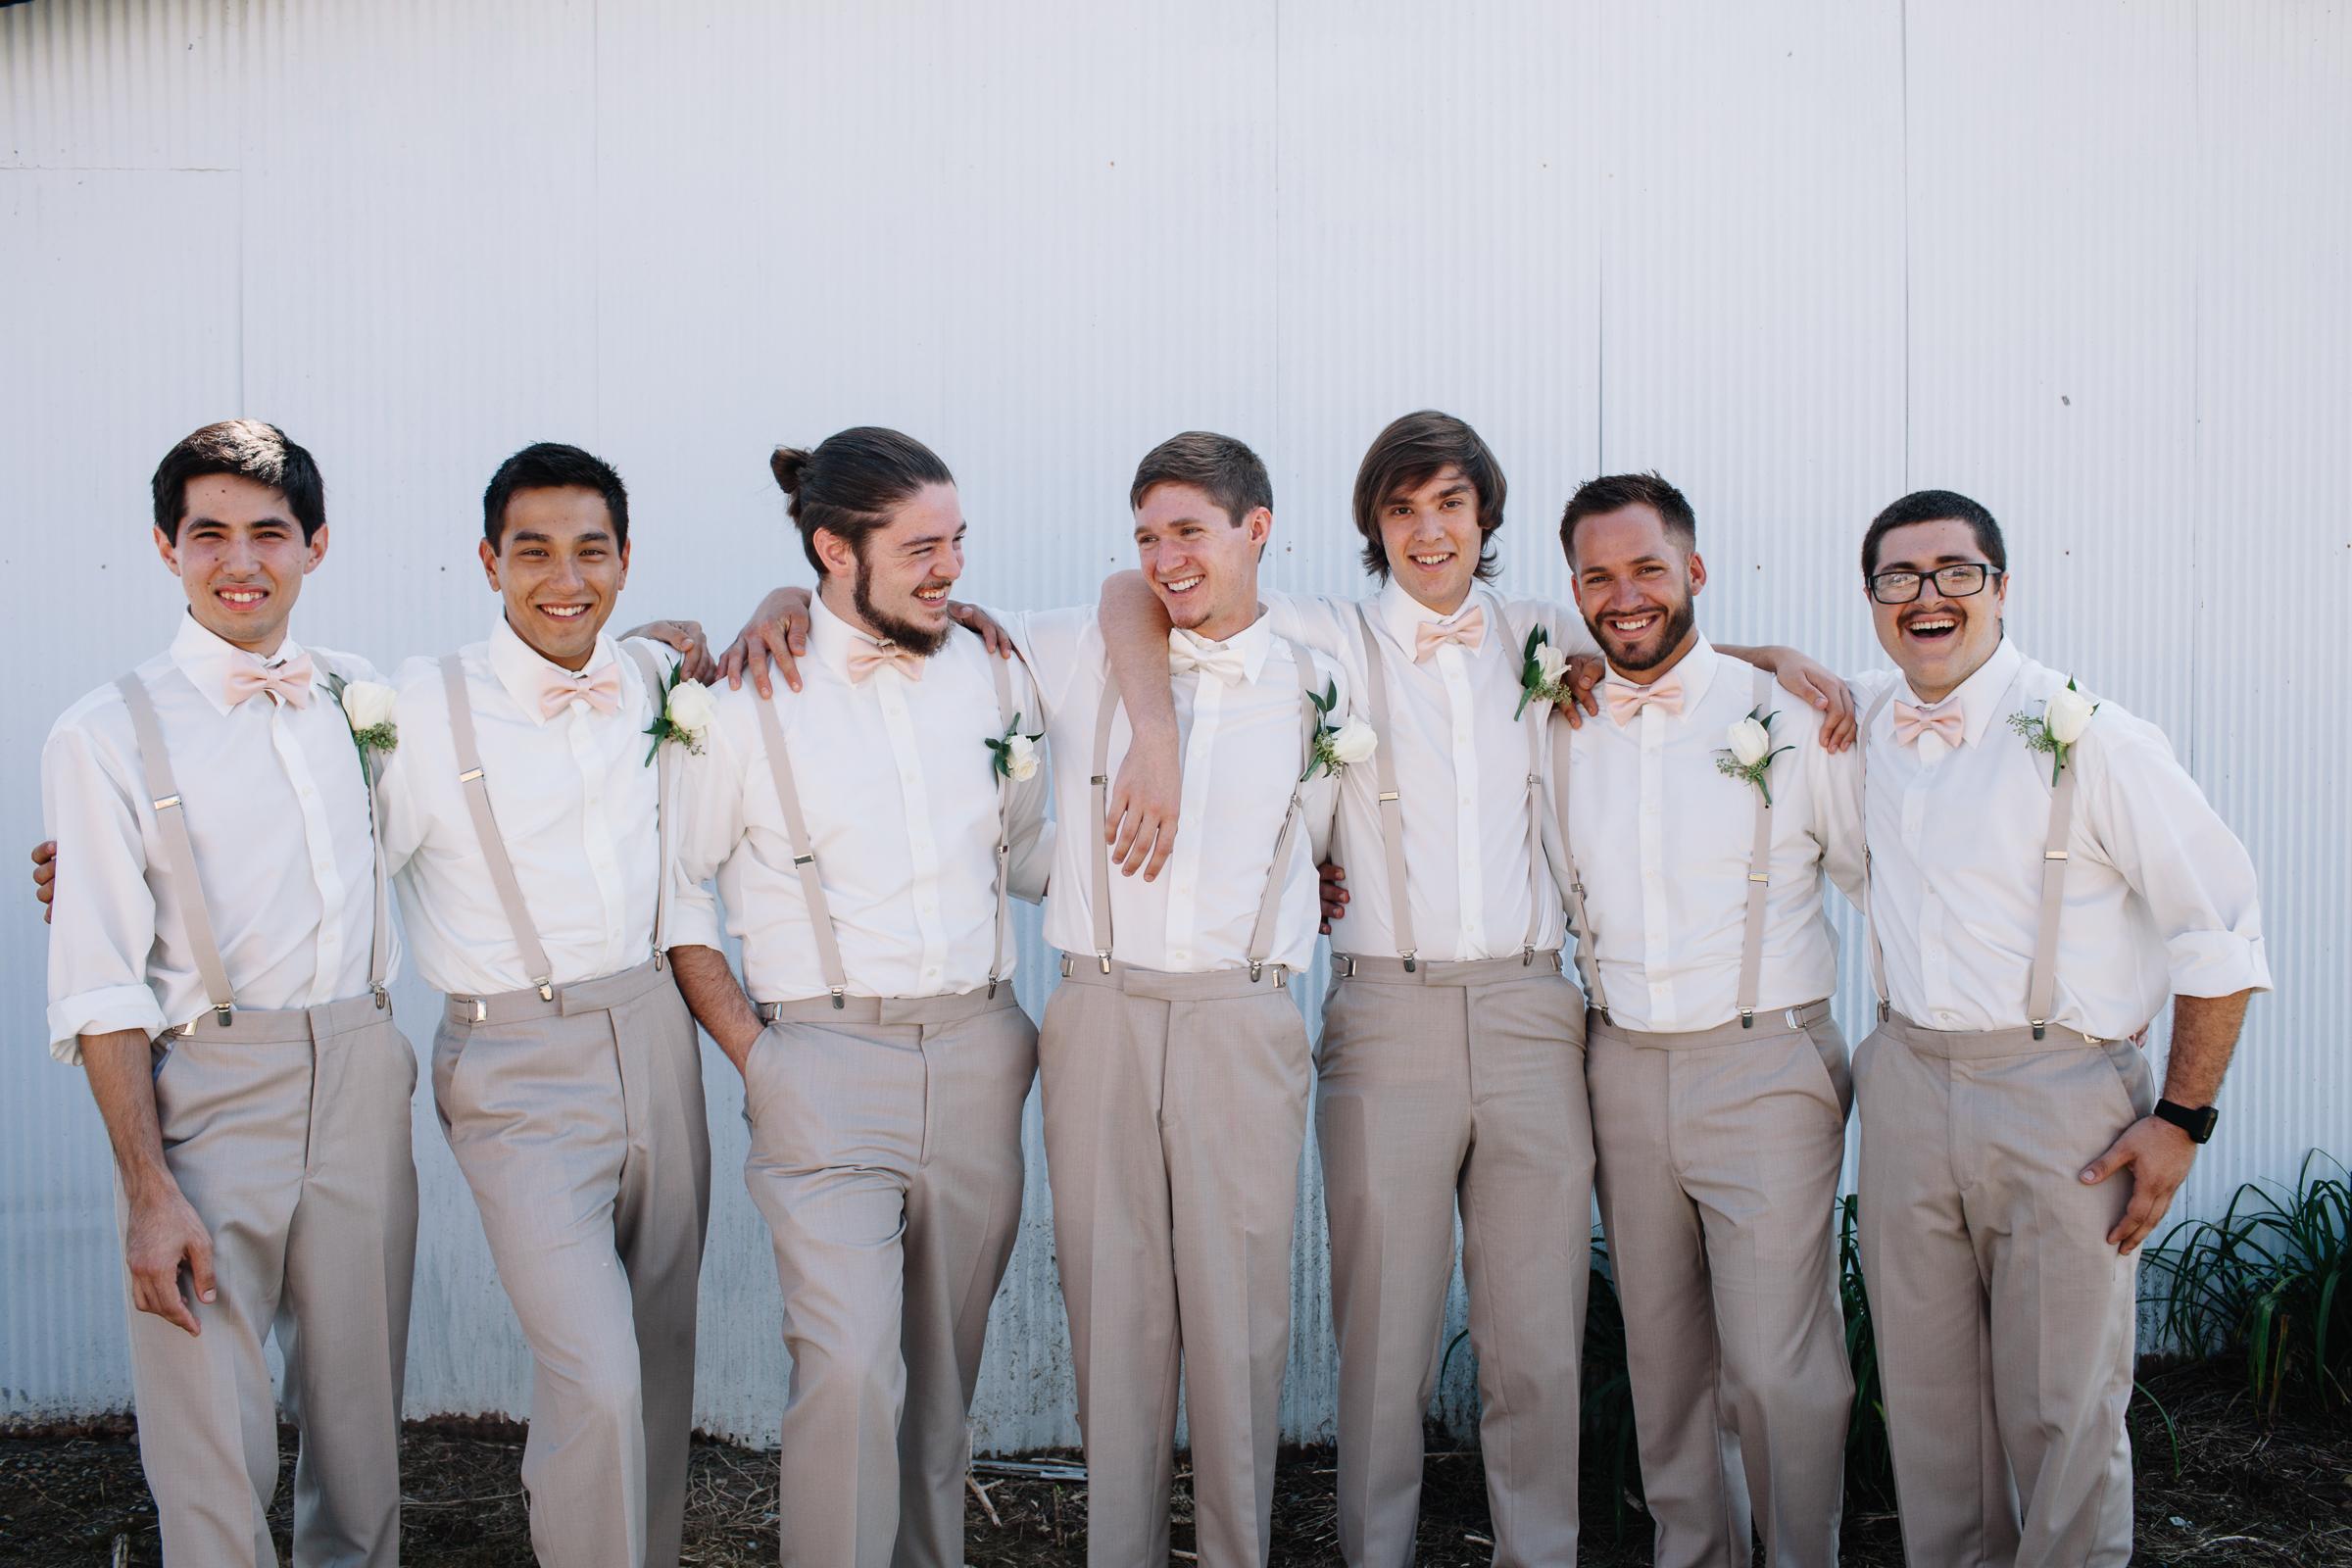 dean_wedding-38.jpg